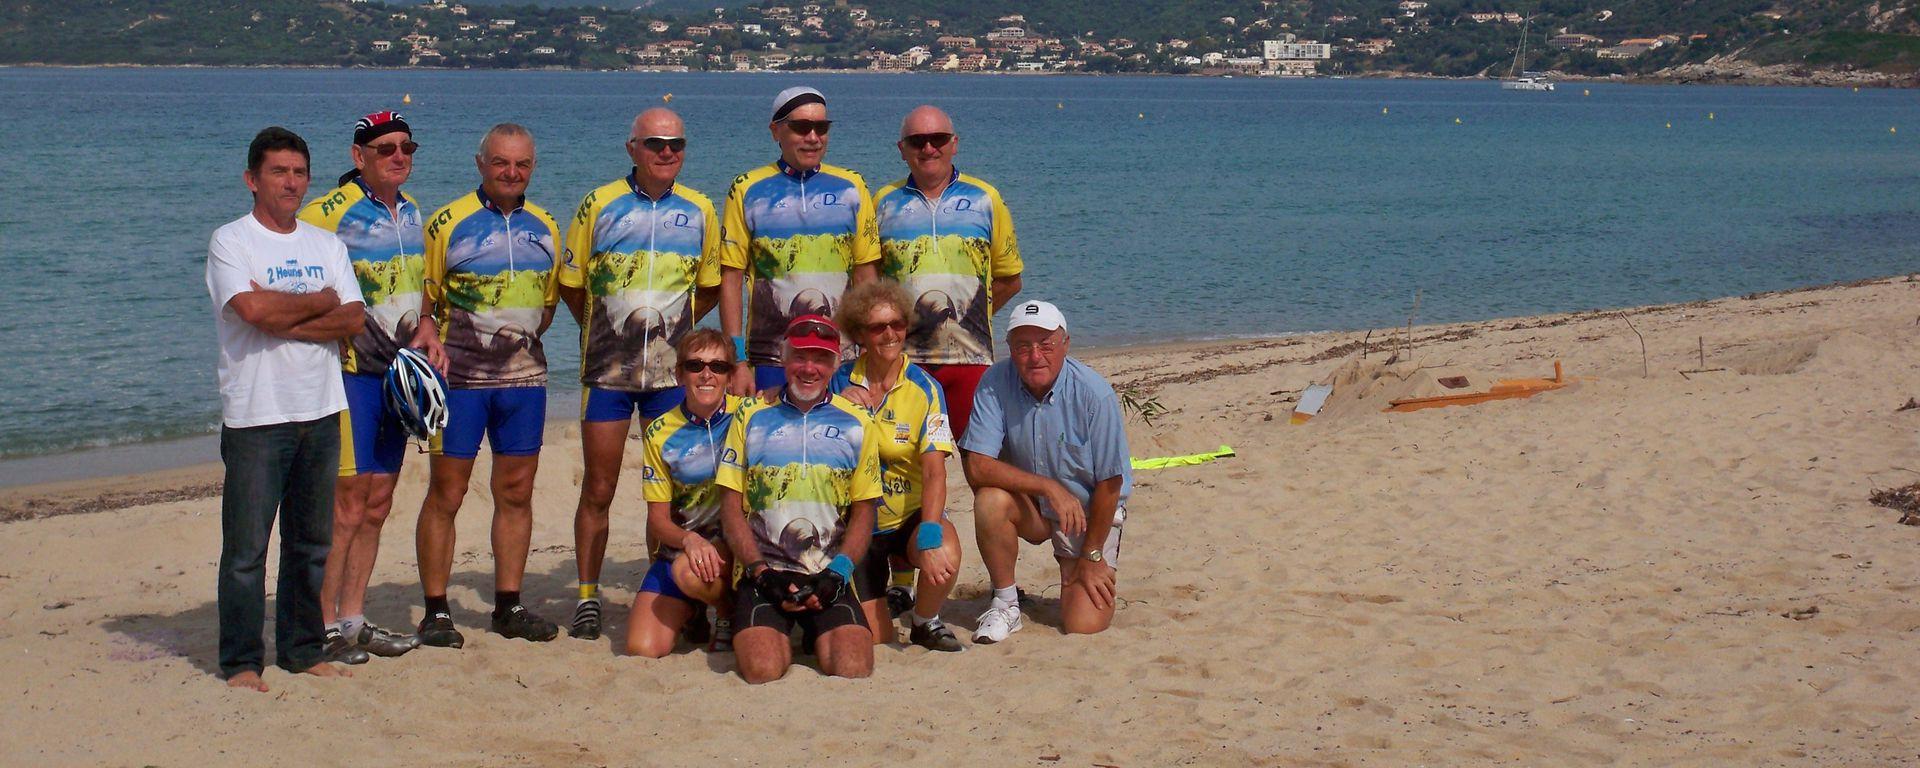 Le Club de Cyclo en Corse